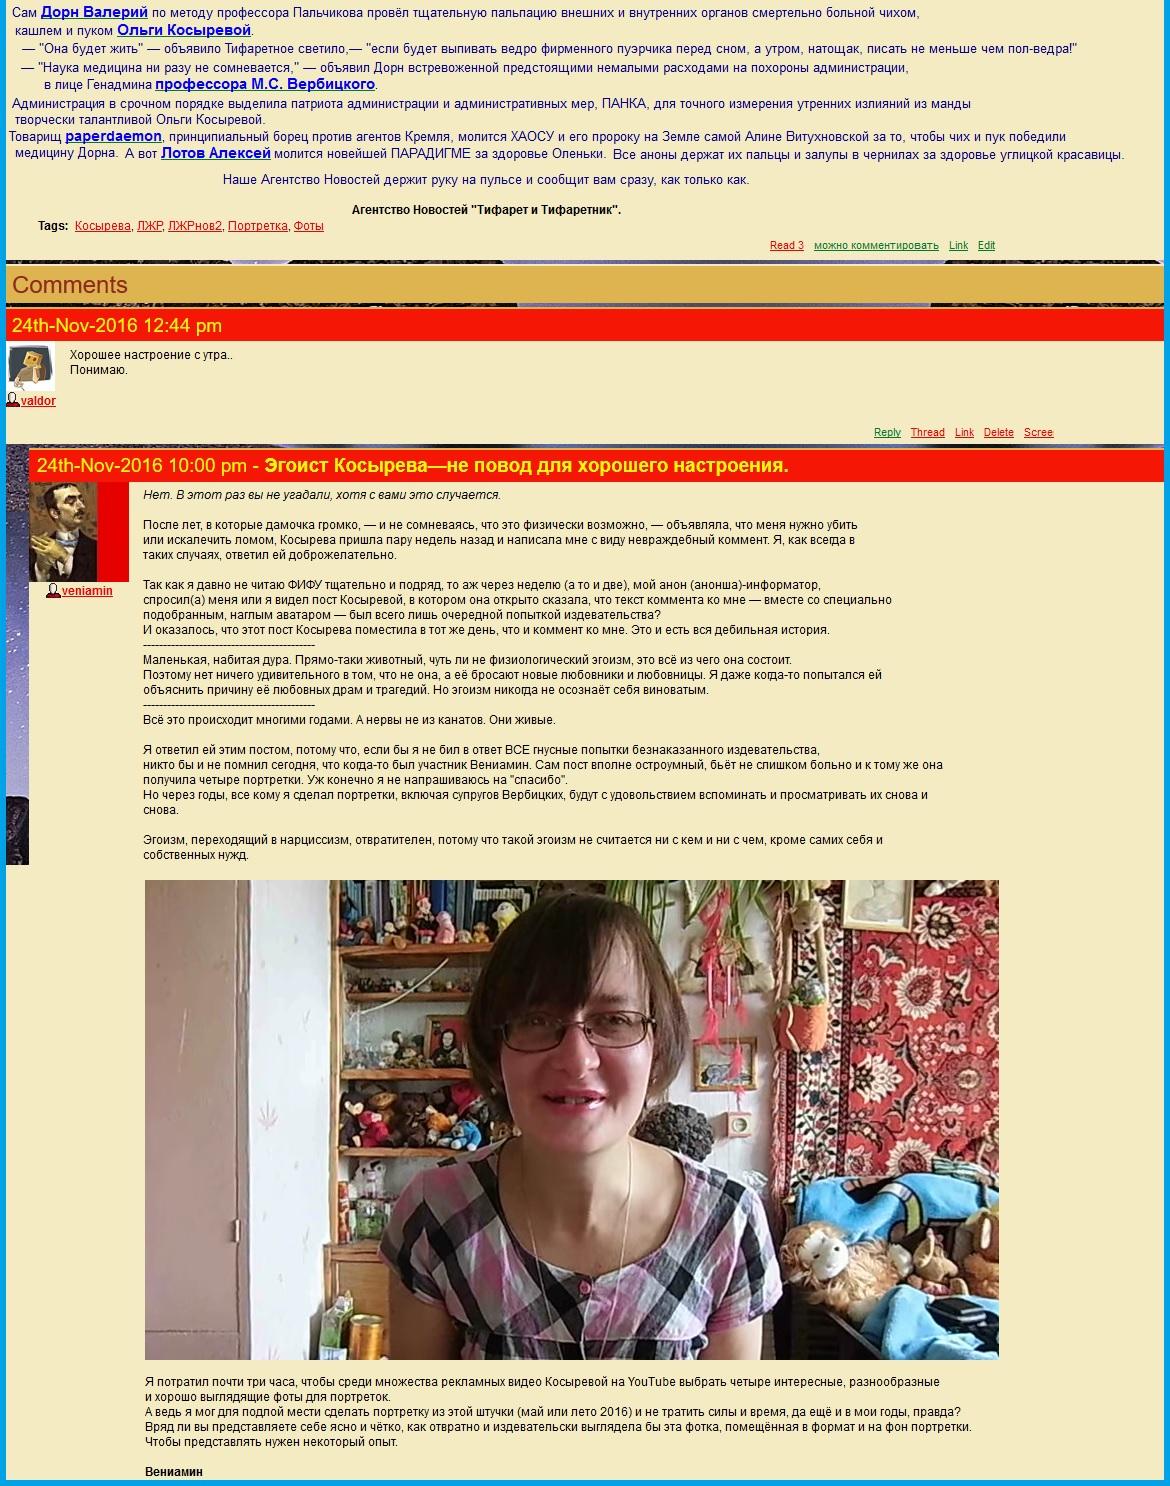 Косырева больна чихом и пуком (текст и одна картинка)